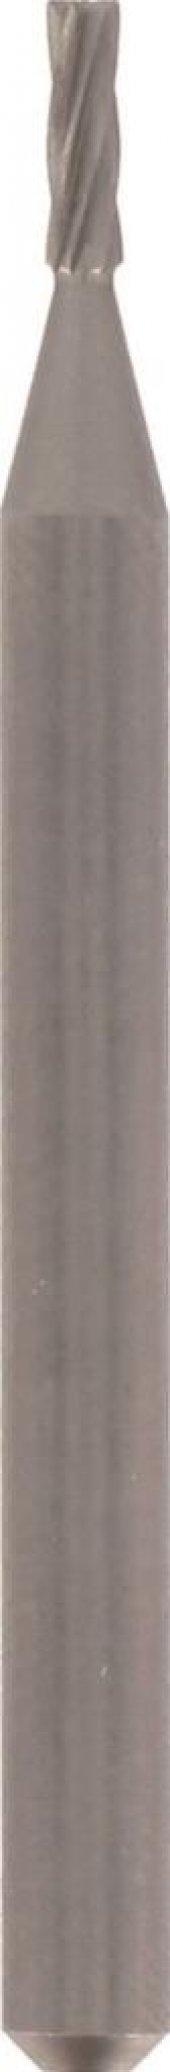 Dremel Yüksek Devirli Kesici 2,0 Mm (193) (2 Adet)...